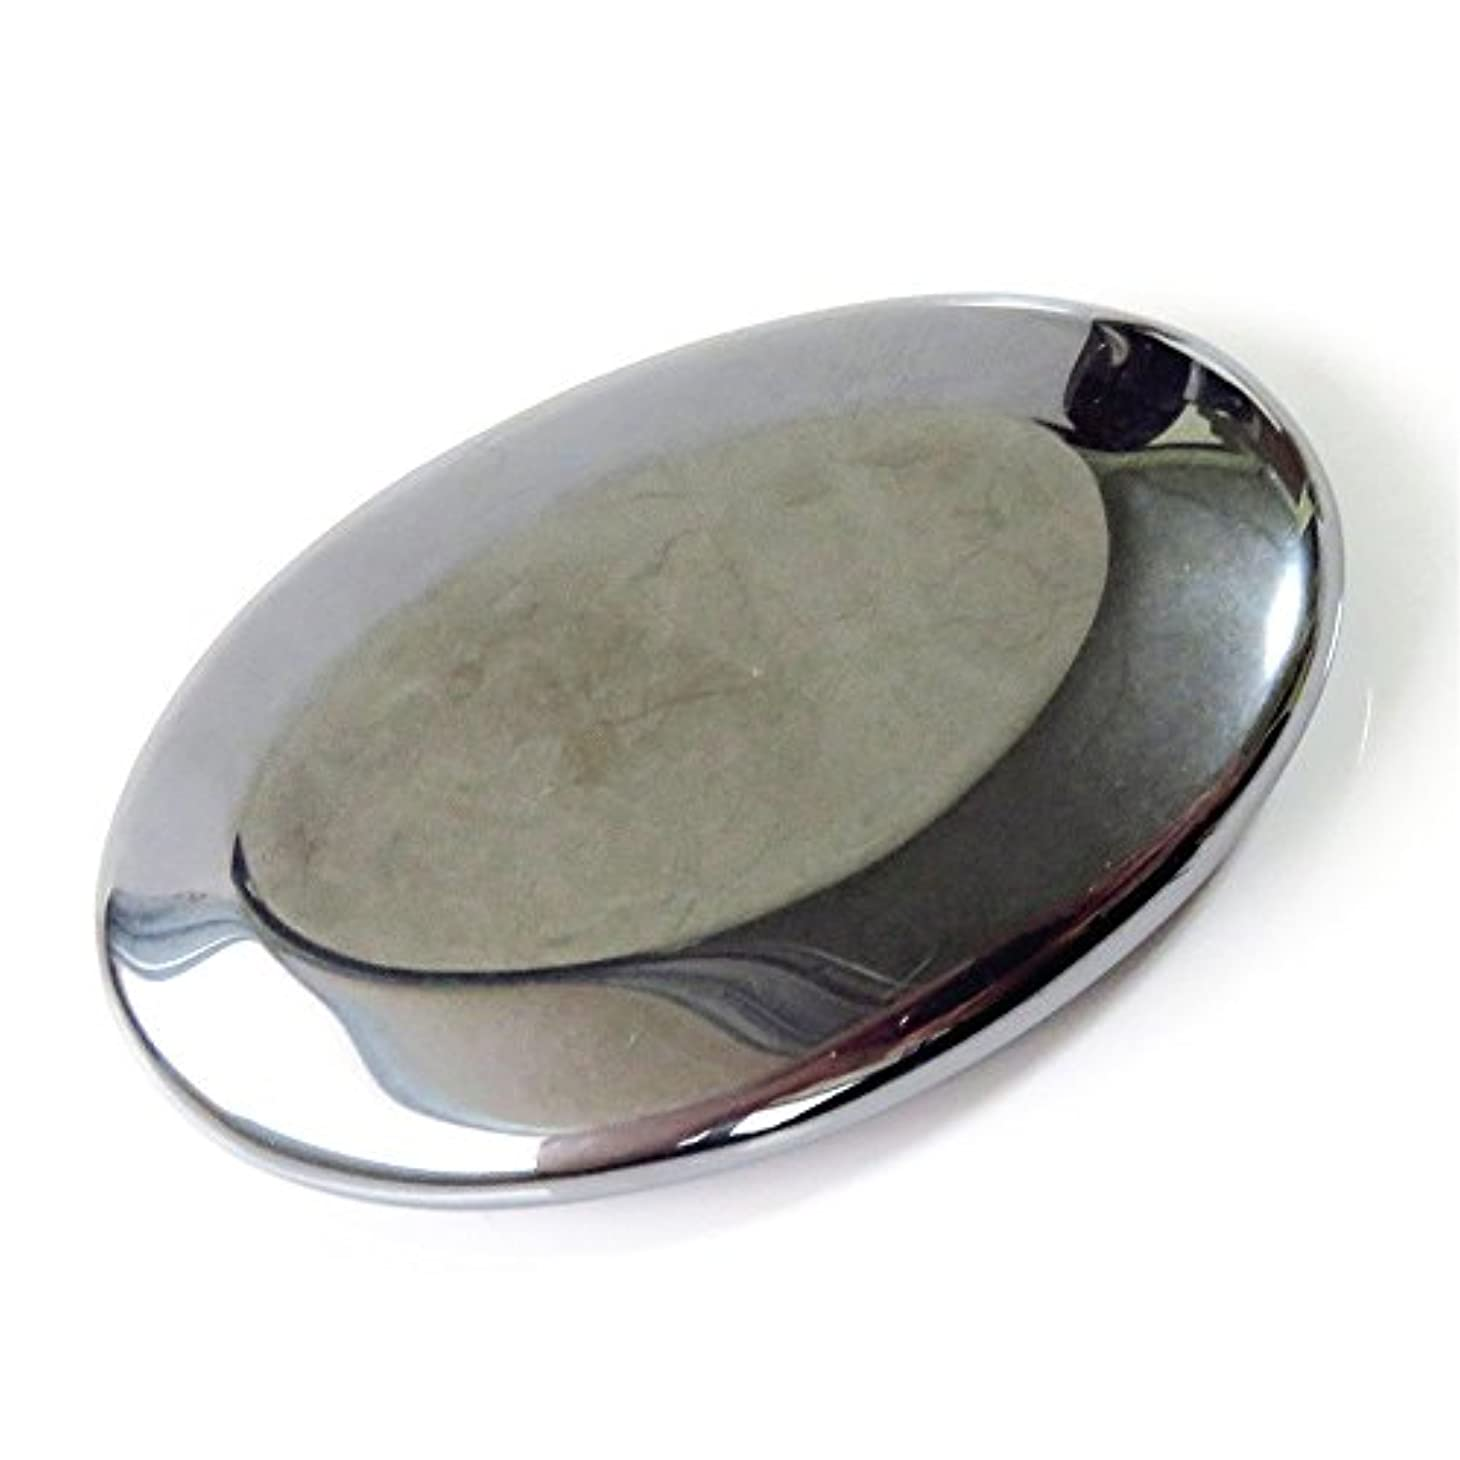 ながら雇用者作りエステ業界も注目 テラヘルツ鉱石かっさプレート 楕円型